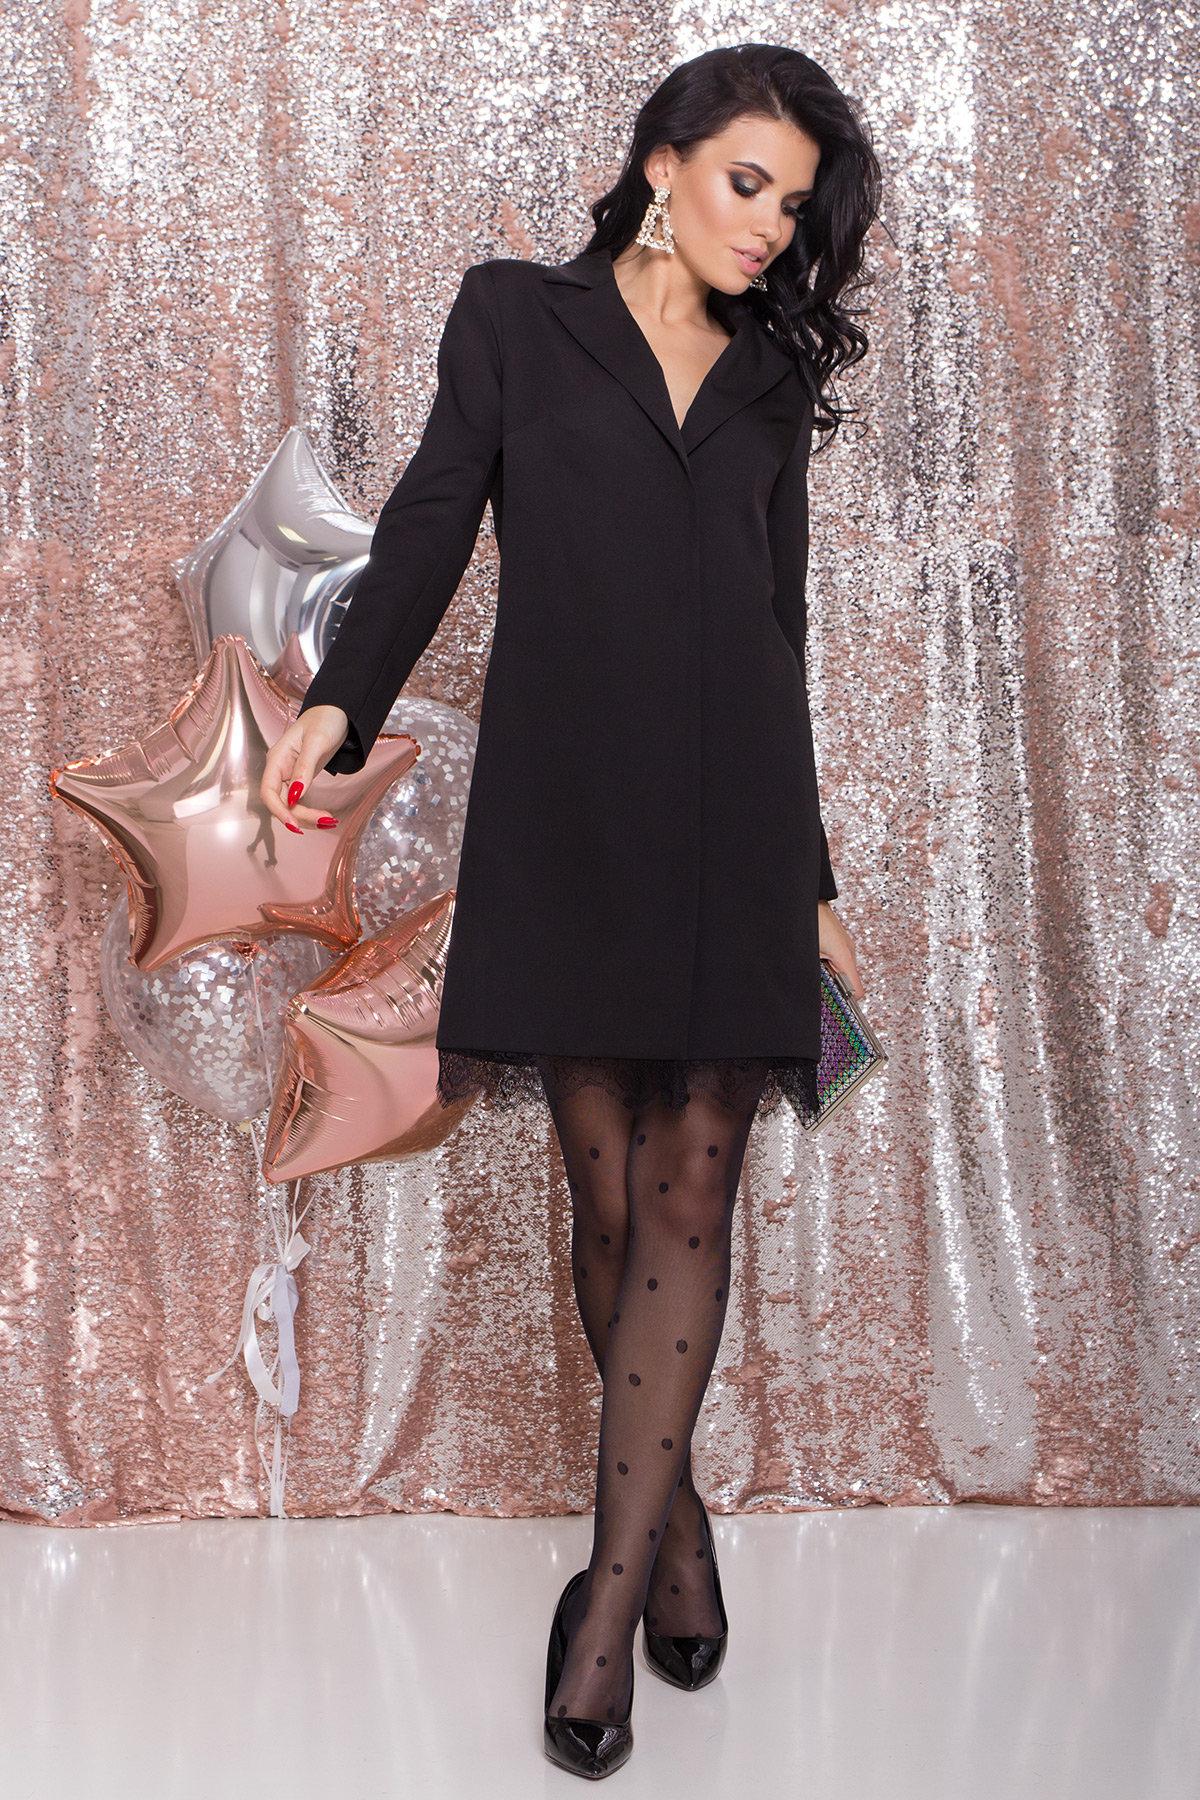 Платье-жакет Маренго 8426 АРТ. 44664 Цвет: Черный - фото 8, интернет магазин tm-modus.ru